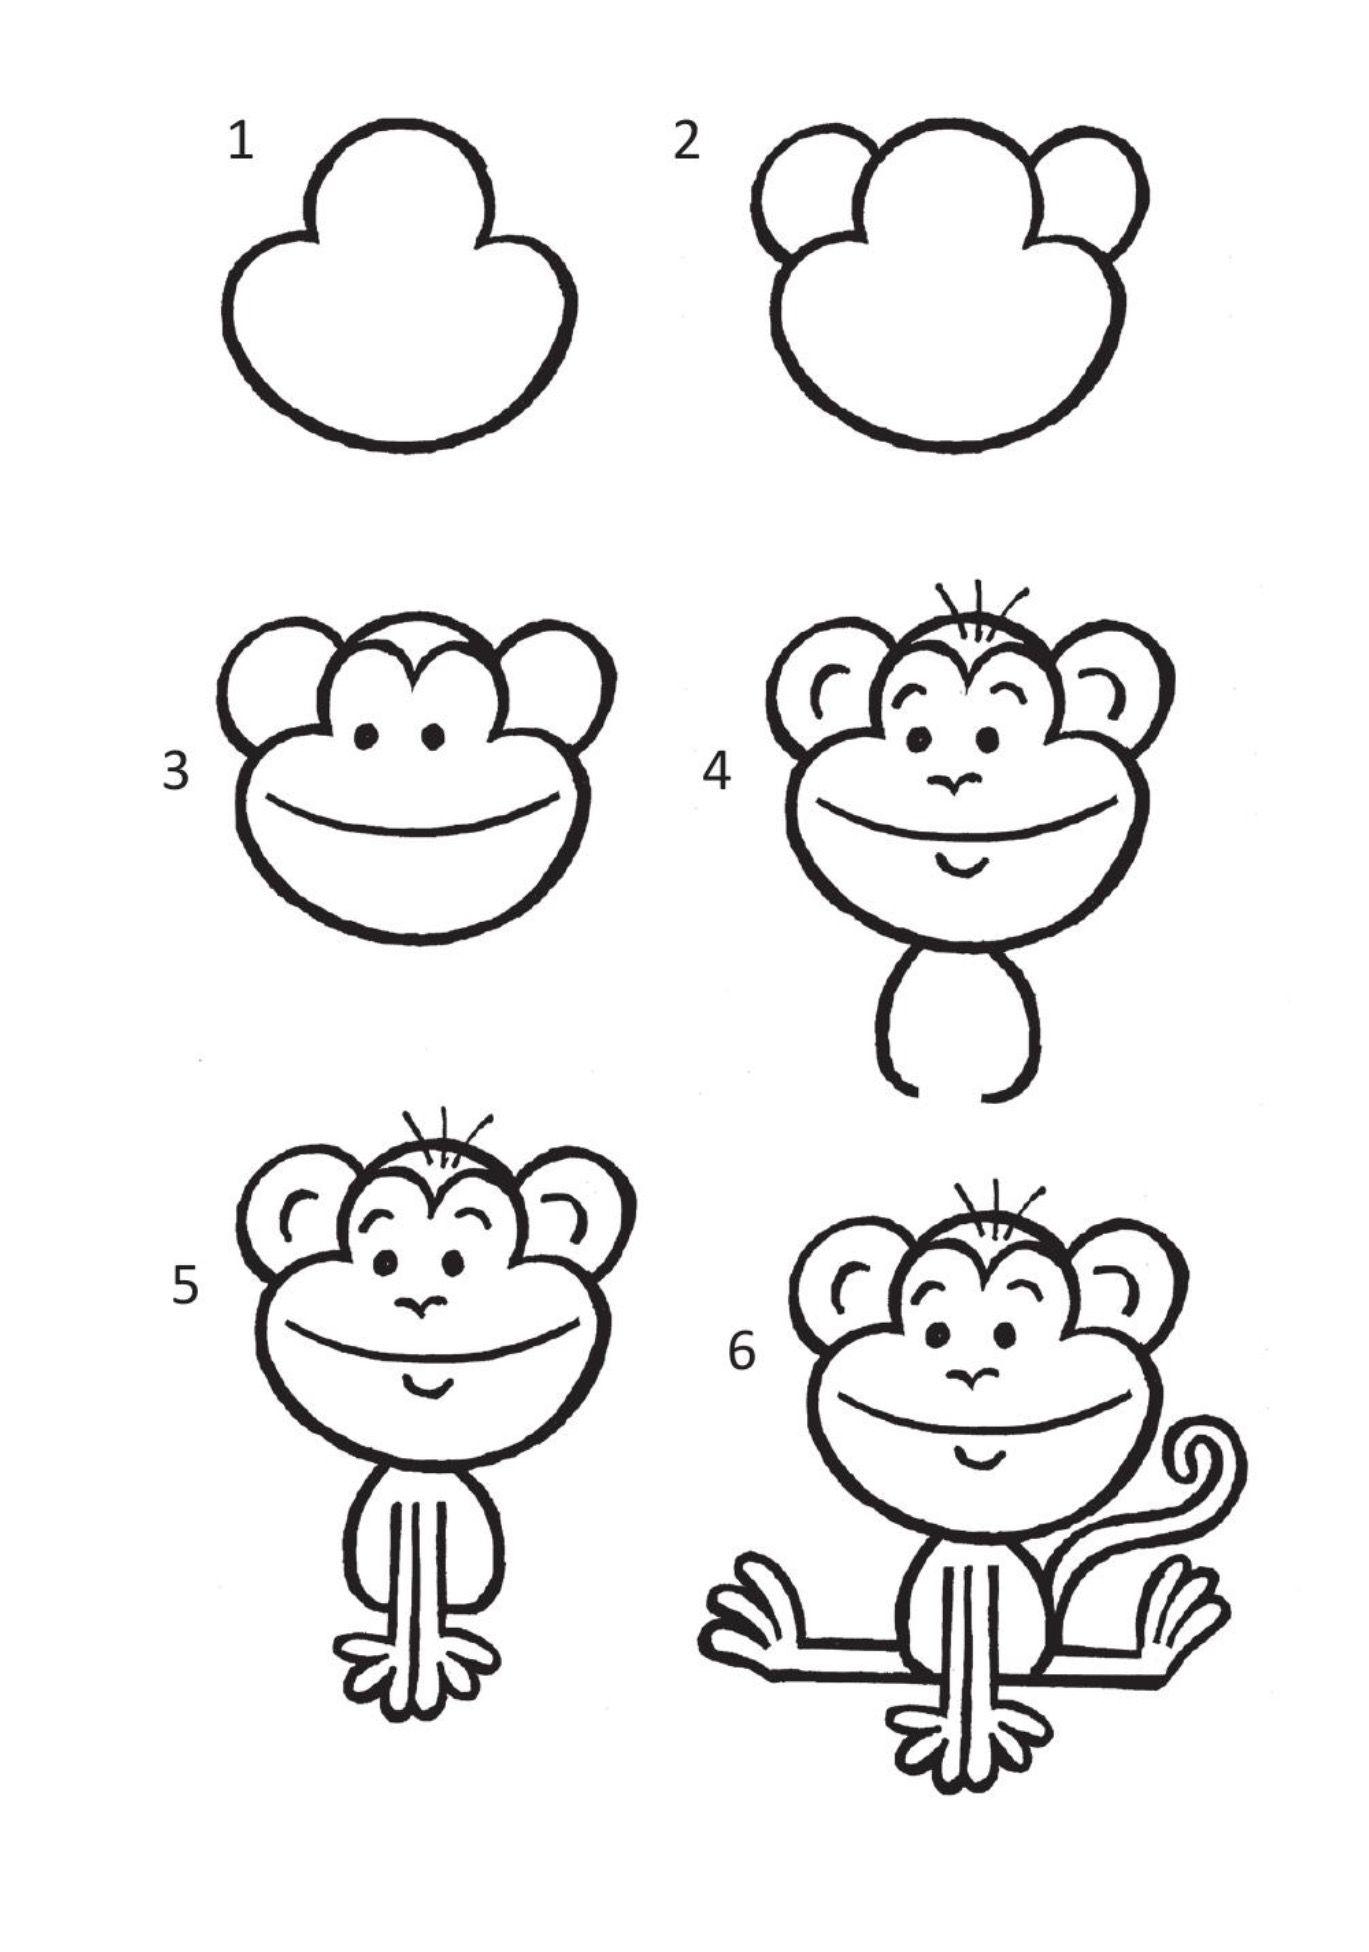 2016 11 en abe cartoon drawings of animals simple